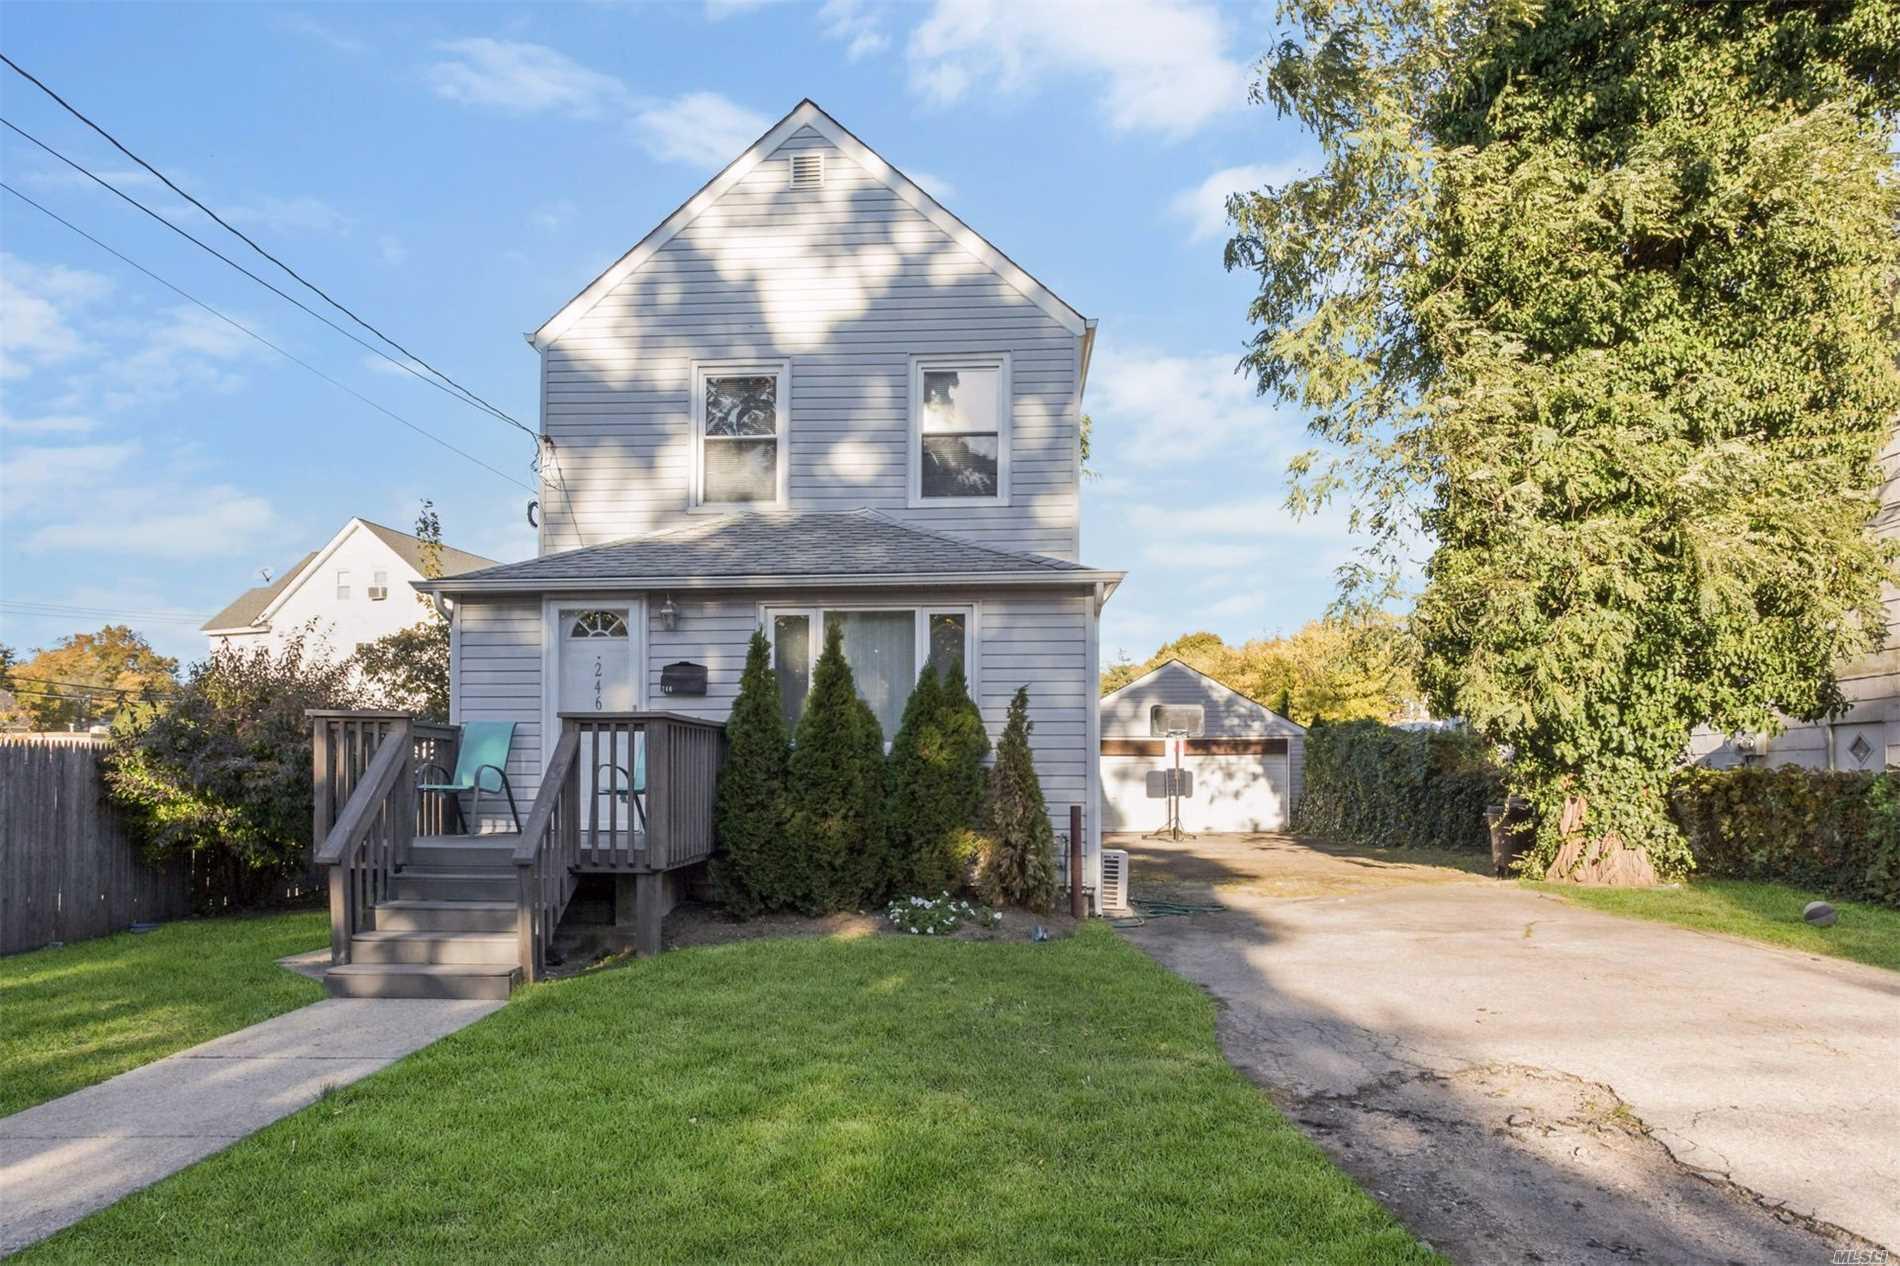 246 Prospect Ave Cedarhurst, NY 11516